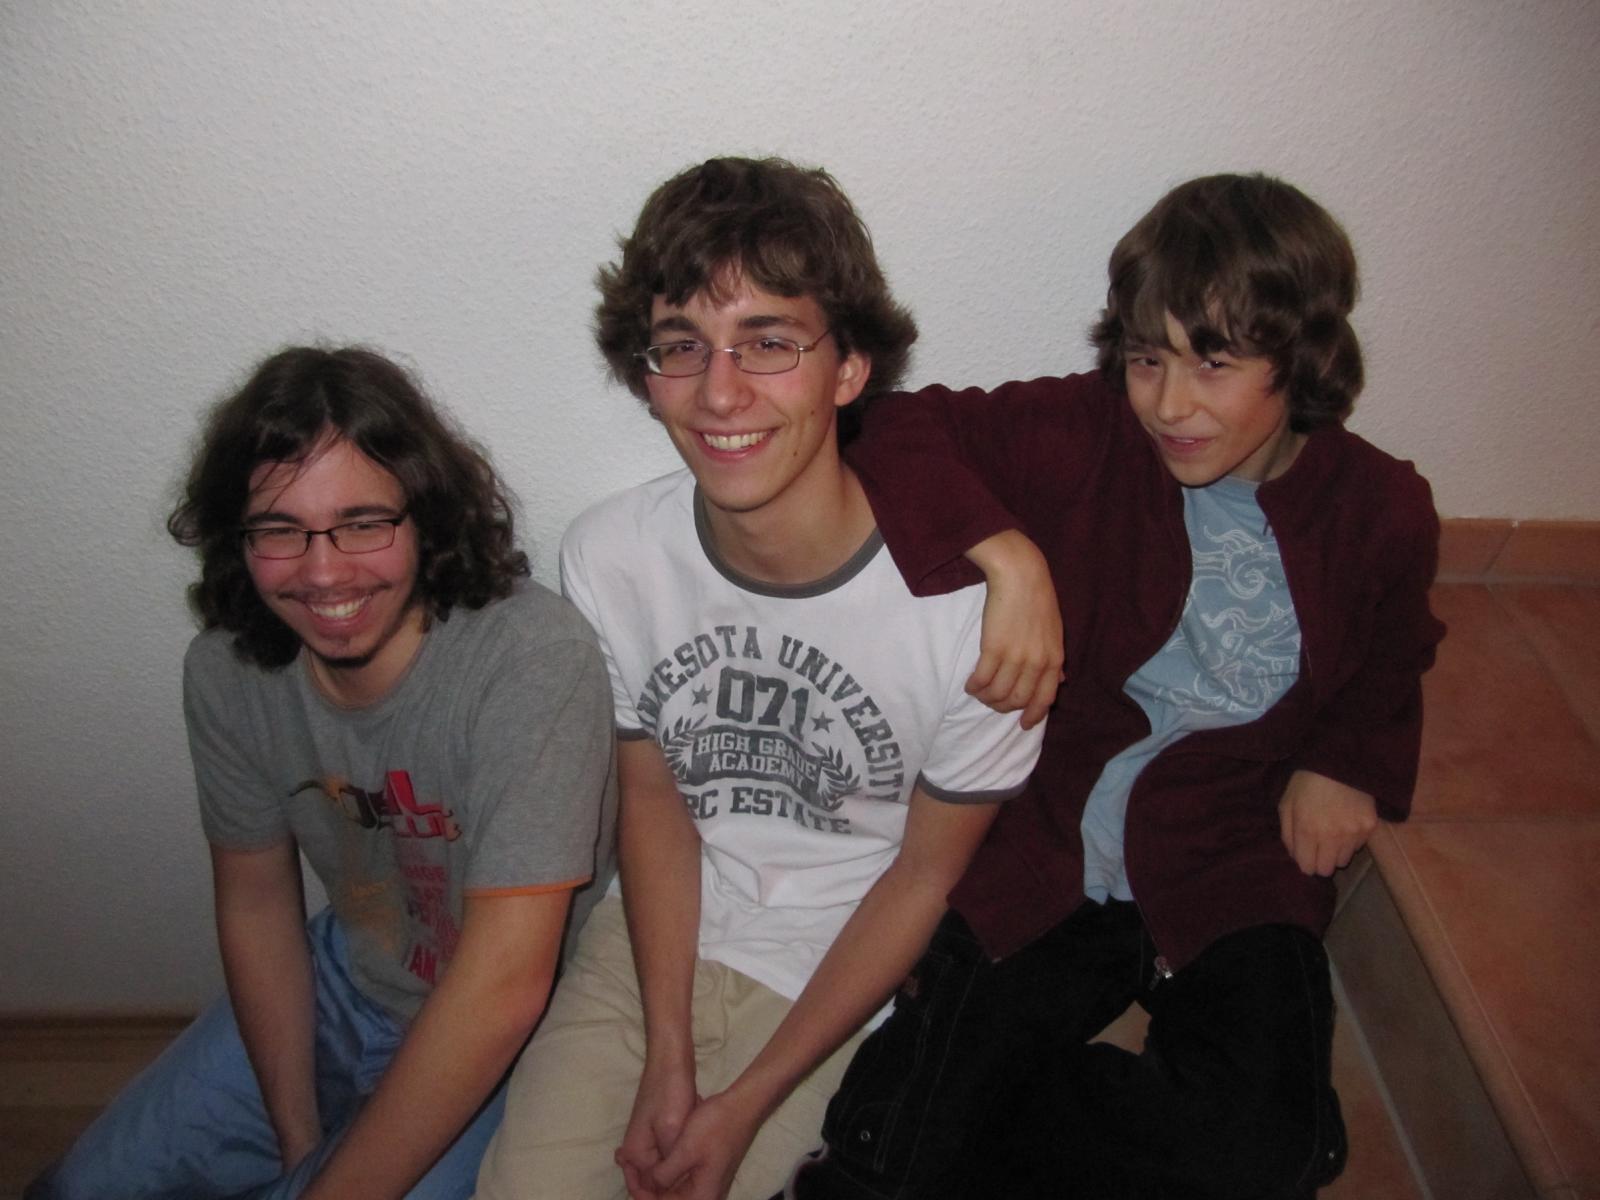 alle drei Jungs